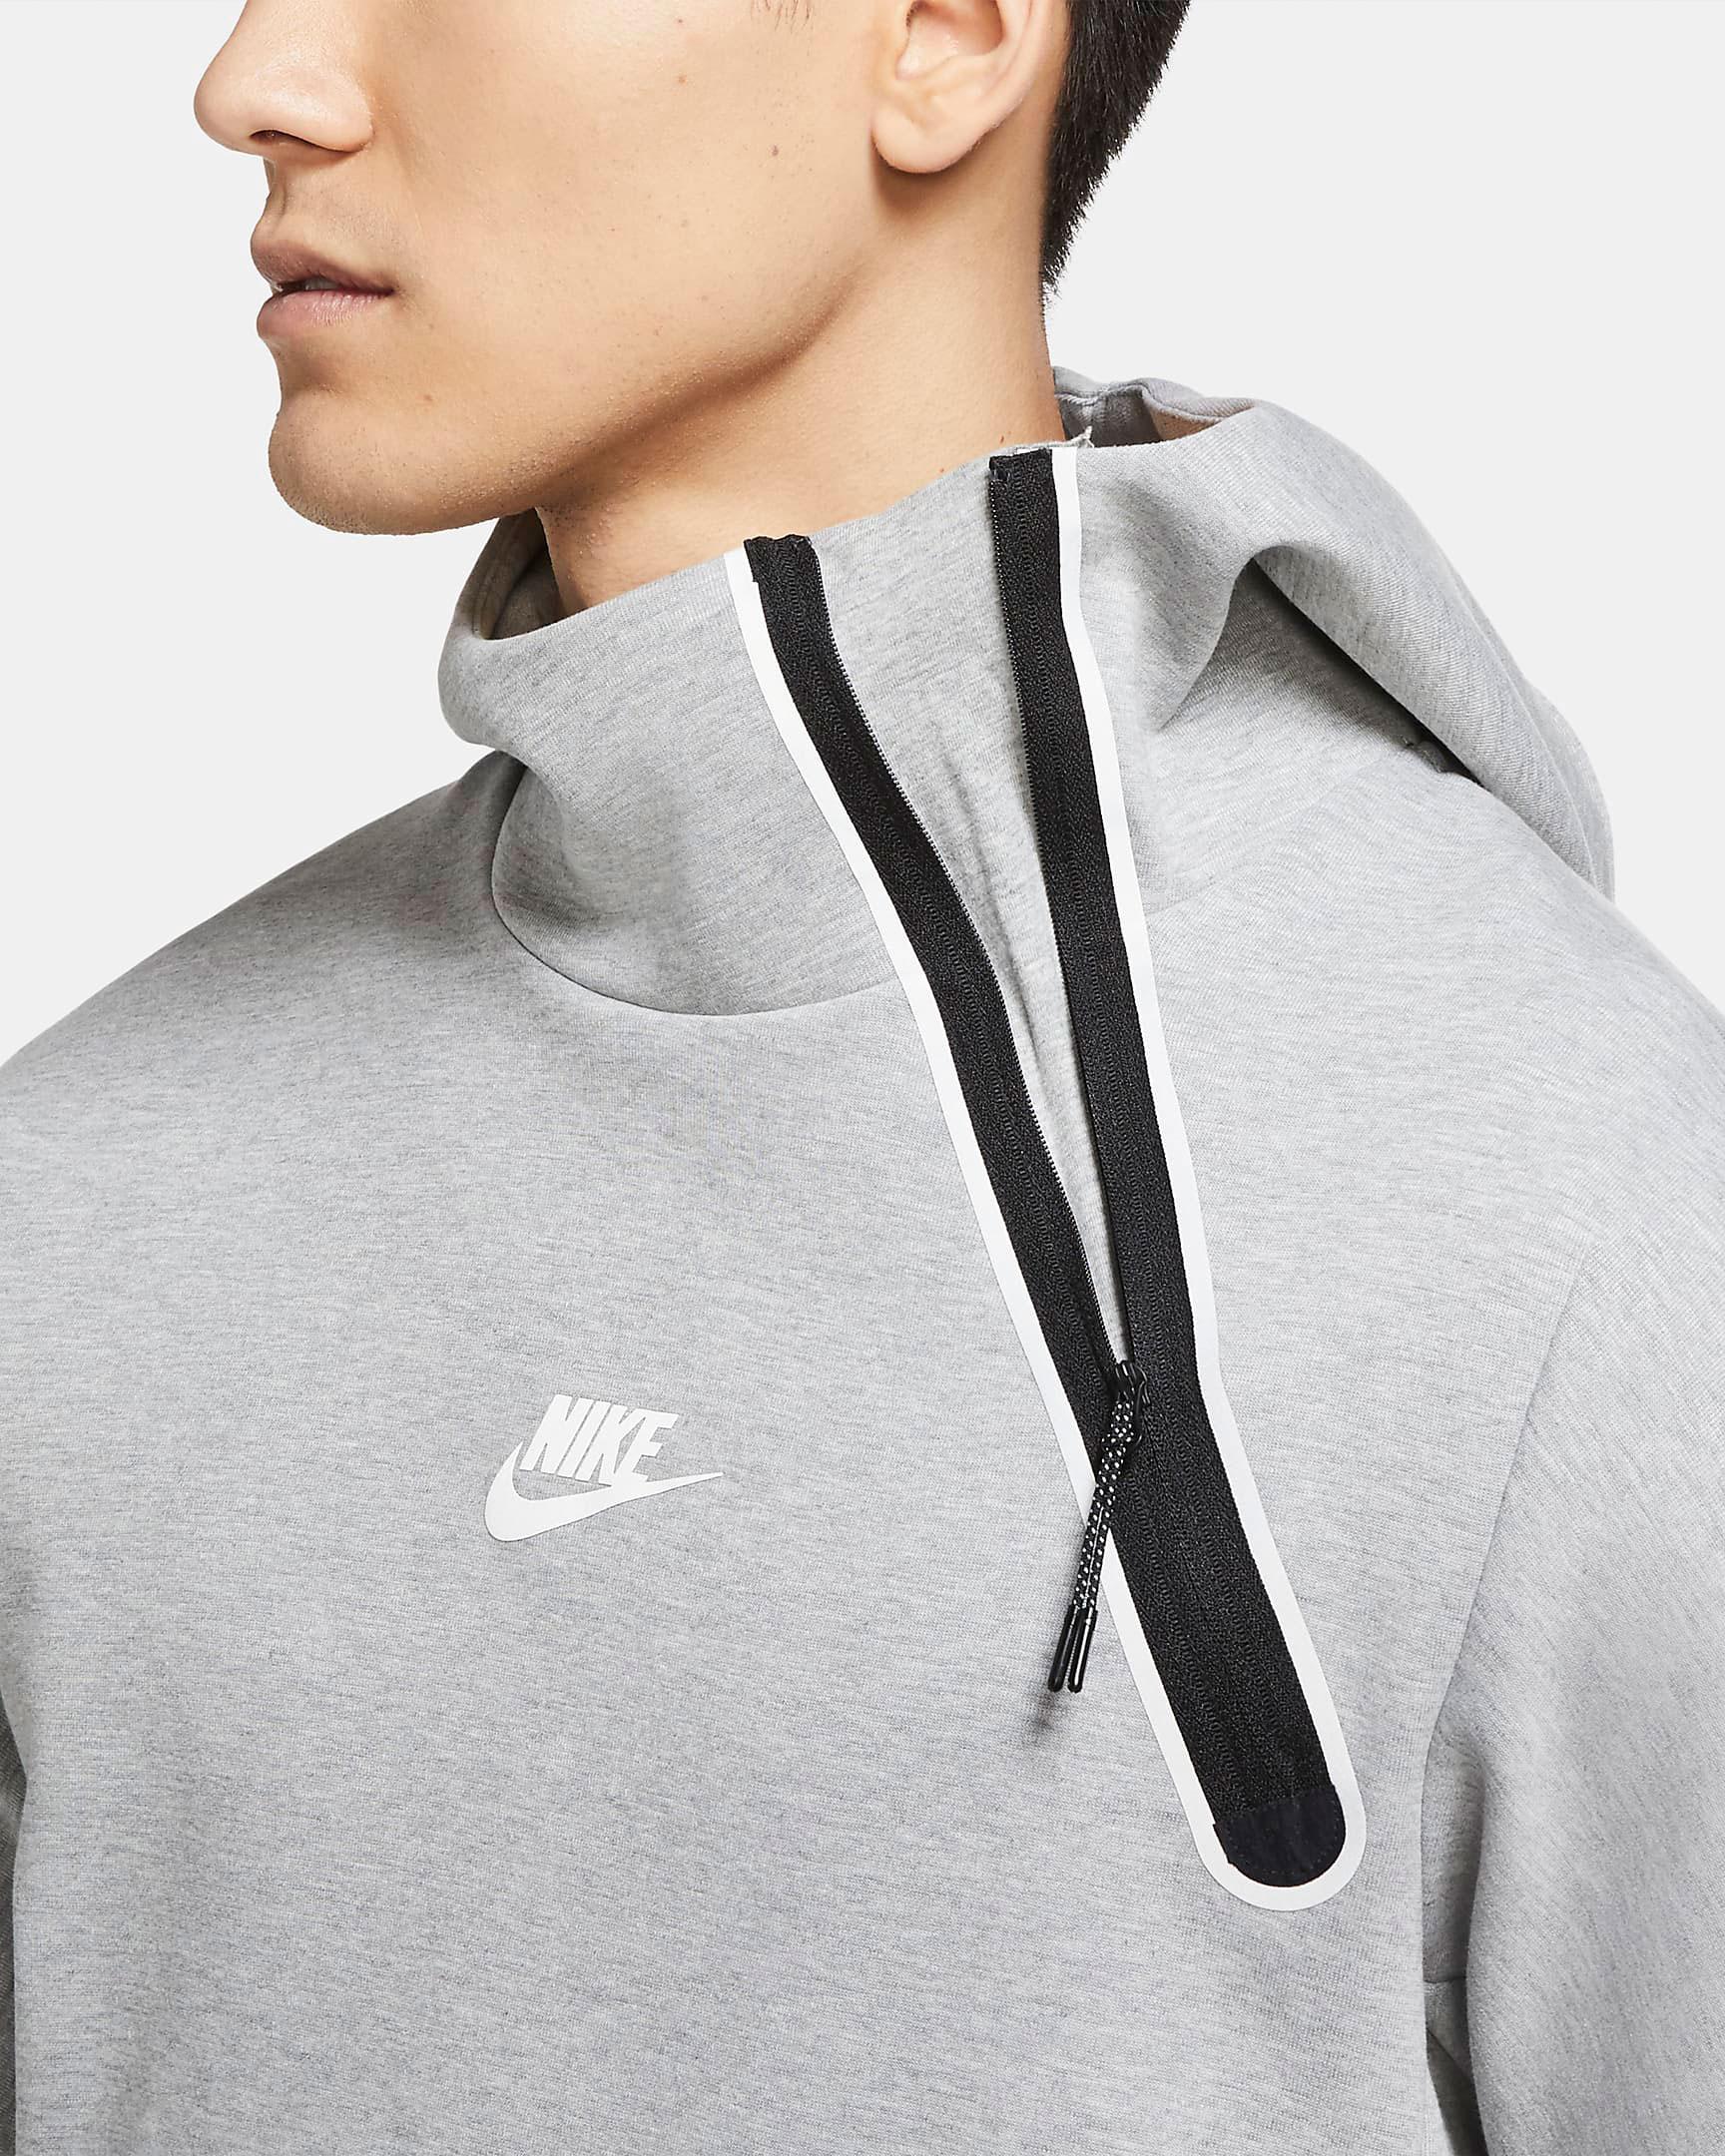 nike-tech-fleece-reflective-hoodie-grey-black-2